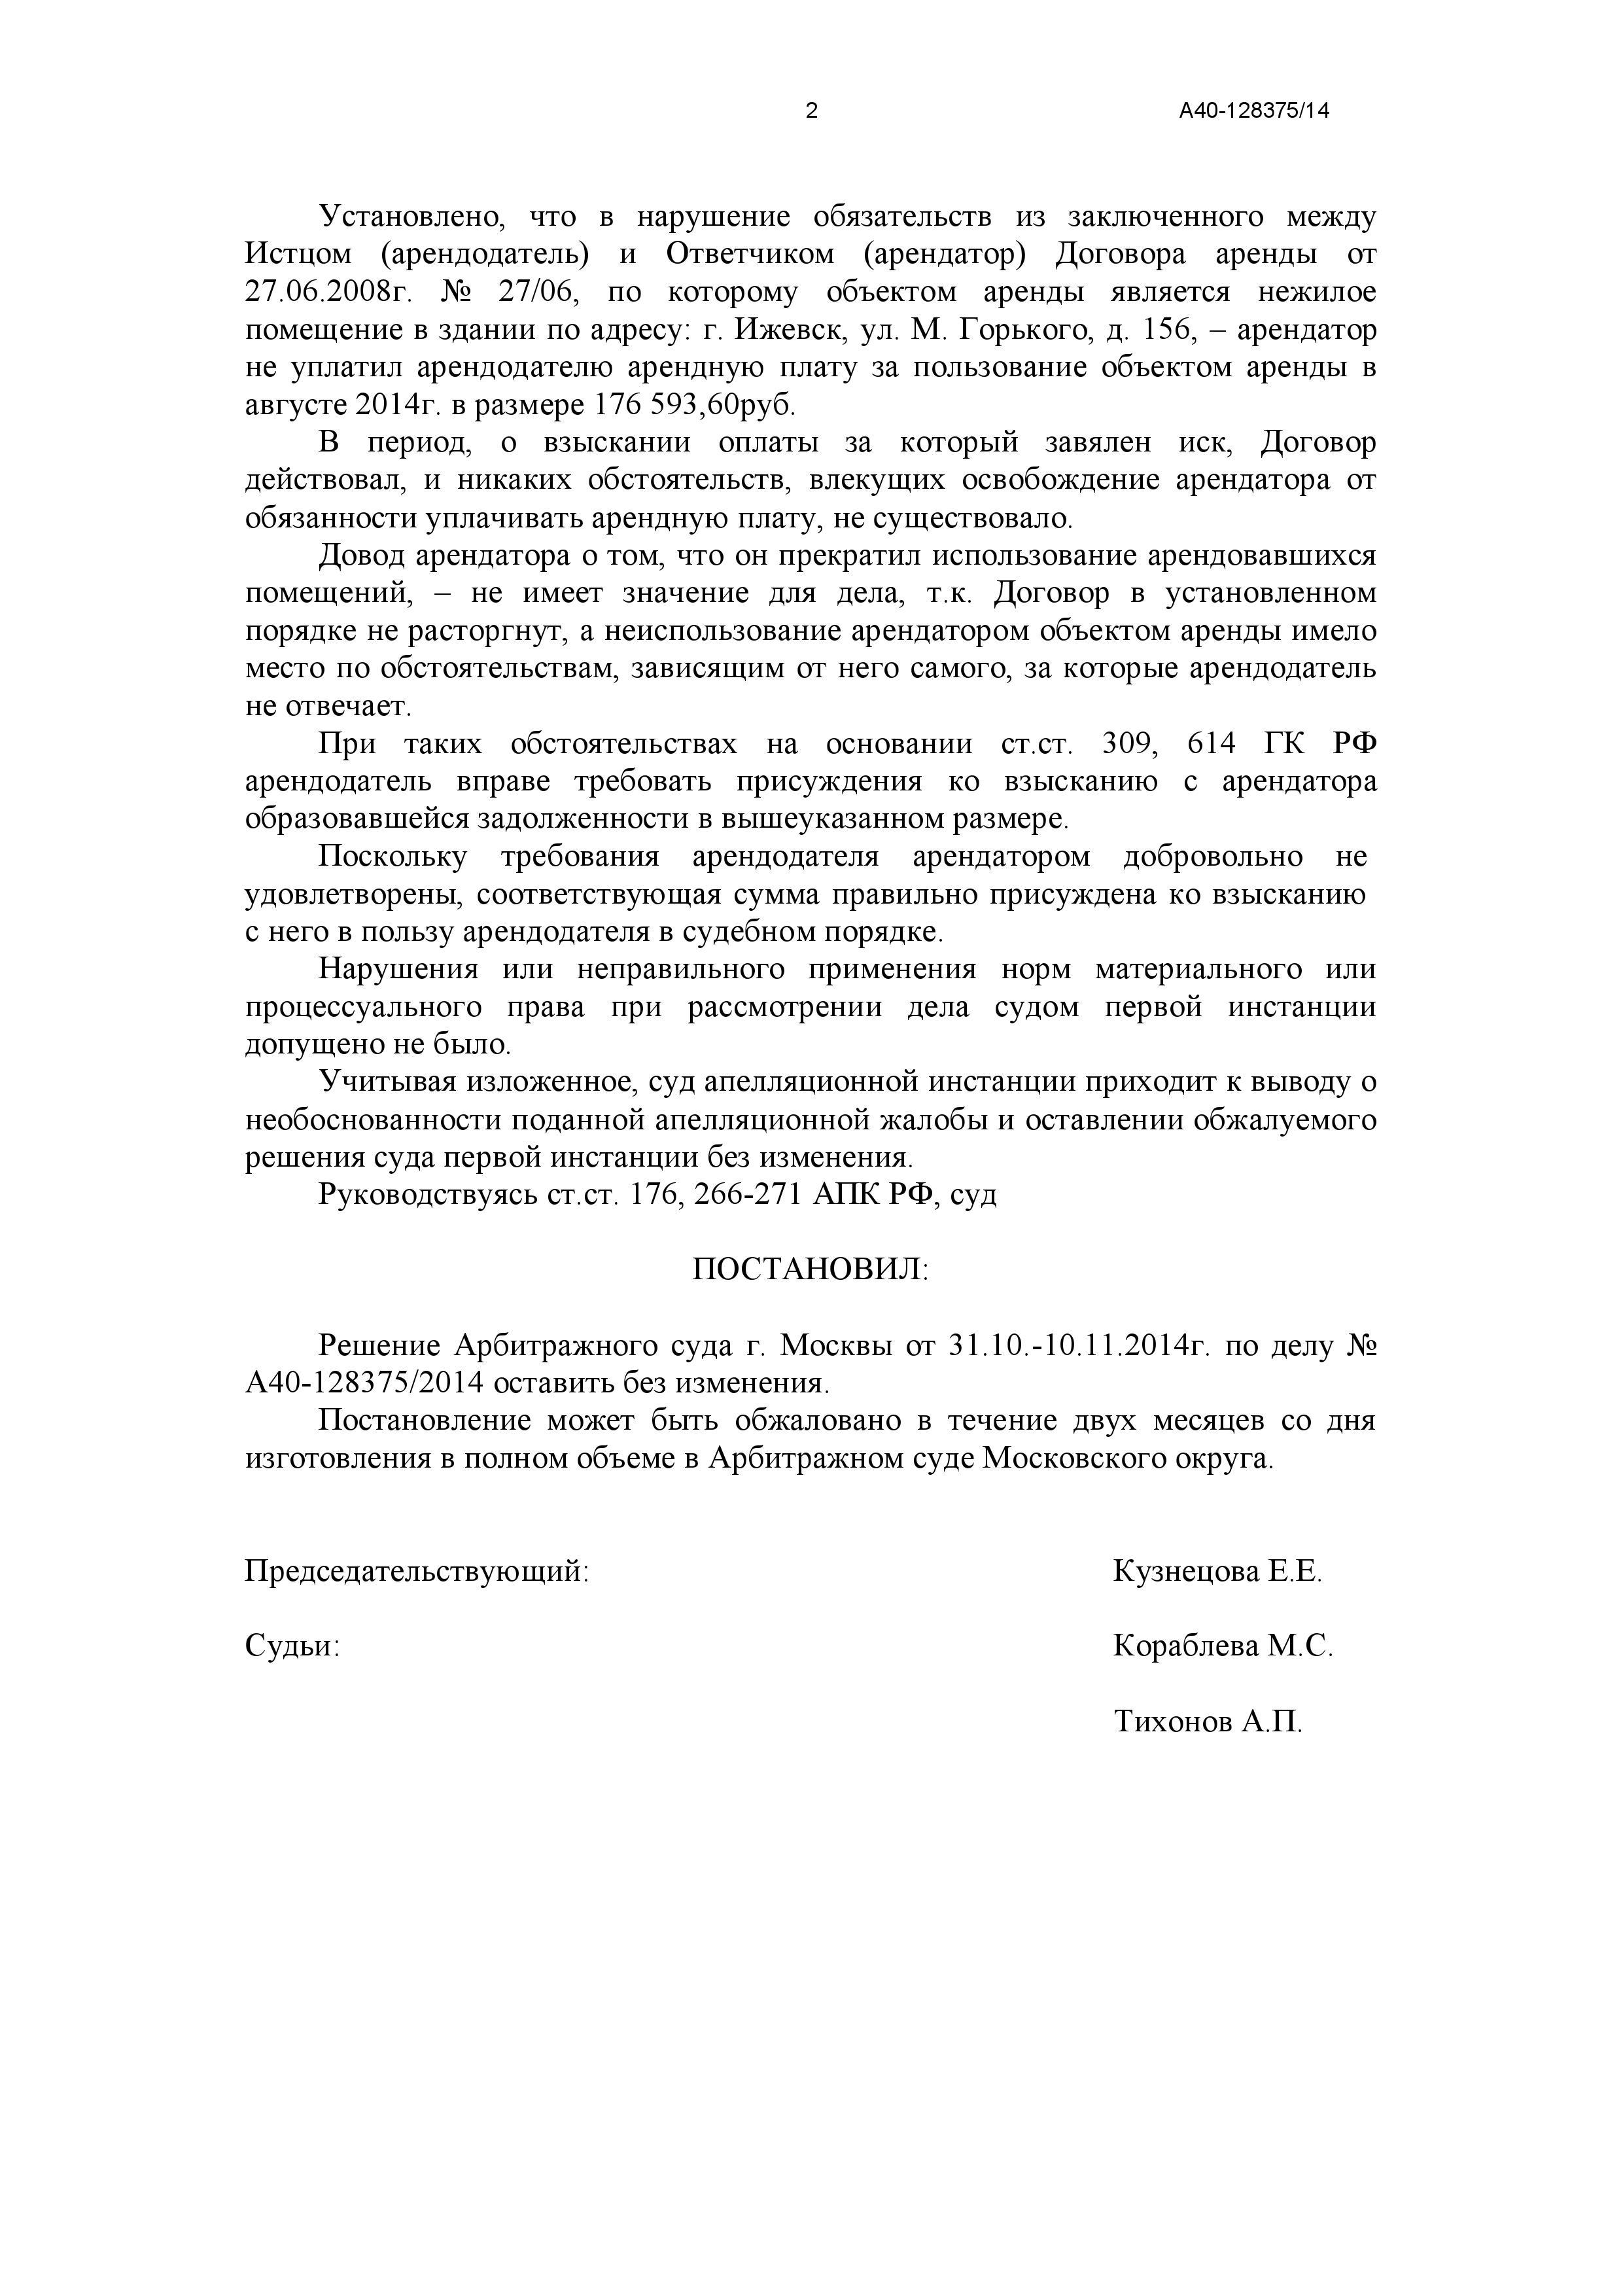 Решение по делу А40-128375-2014